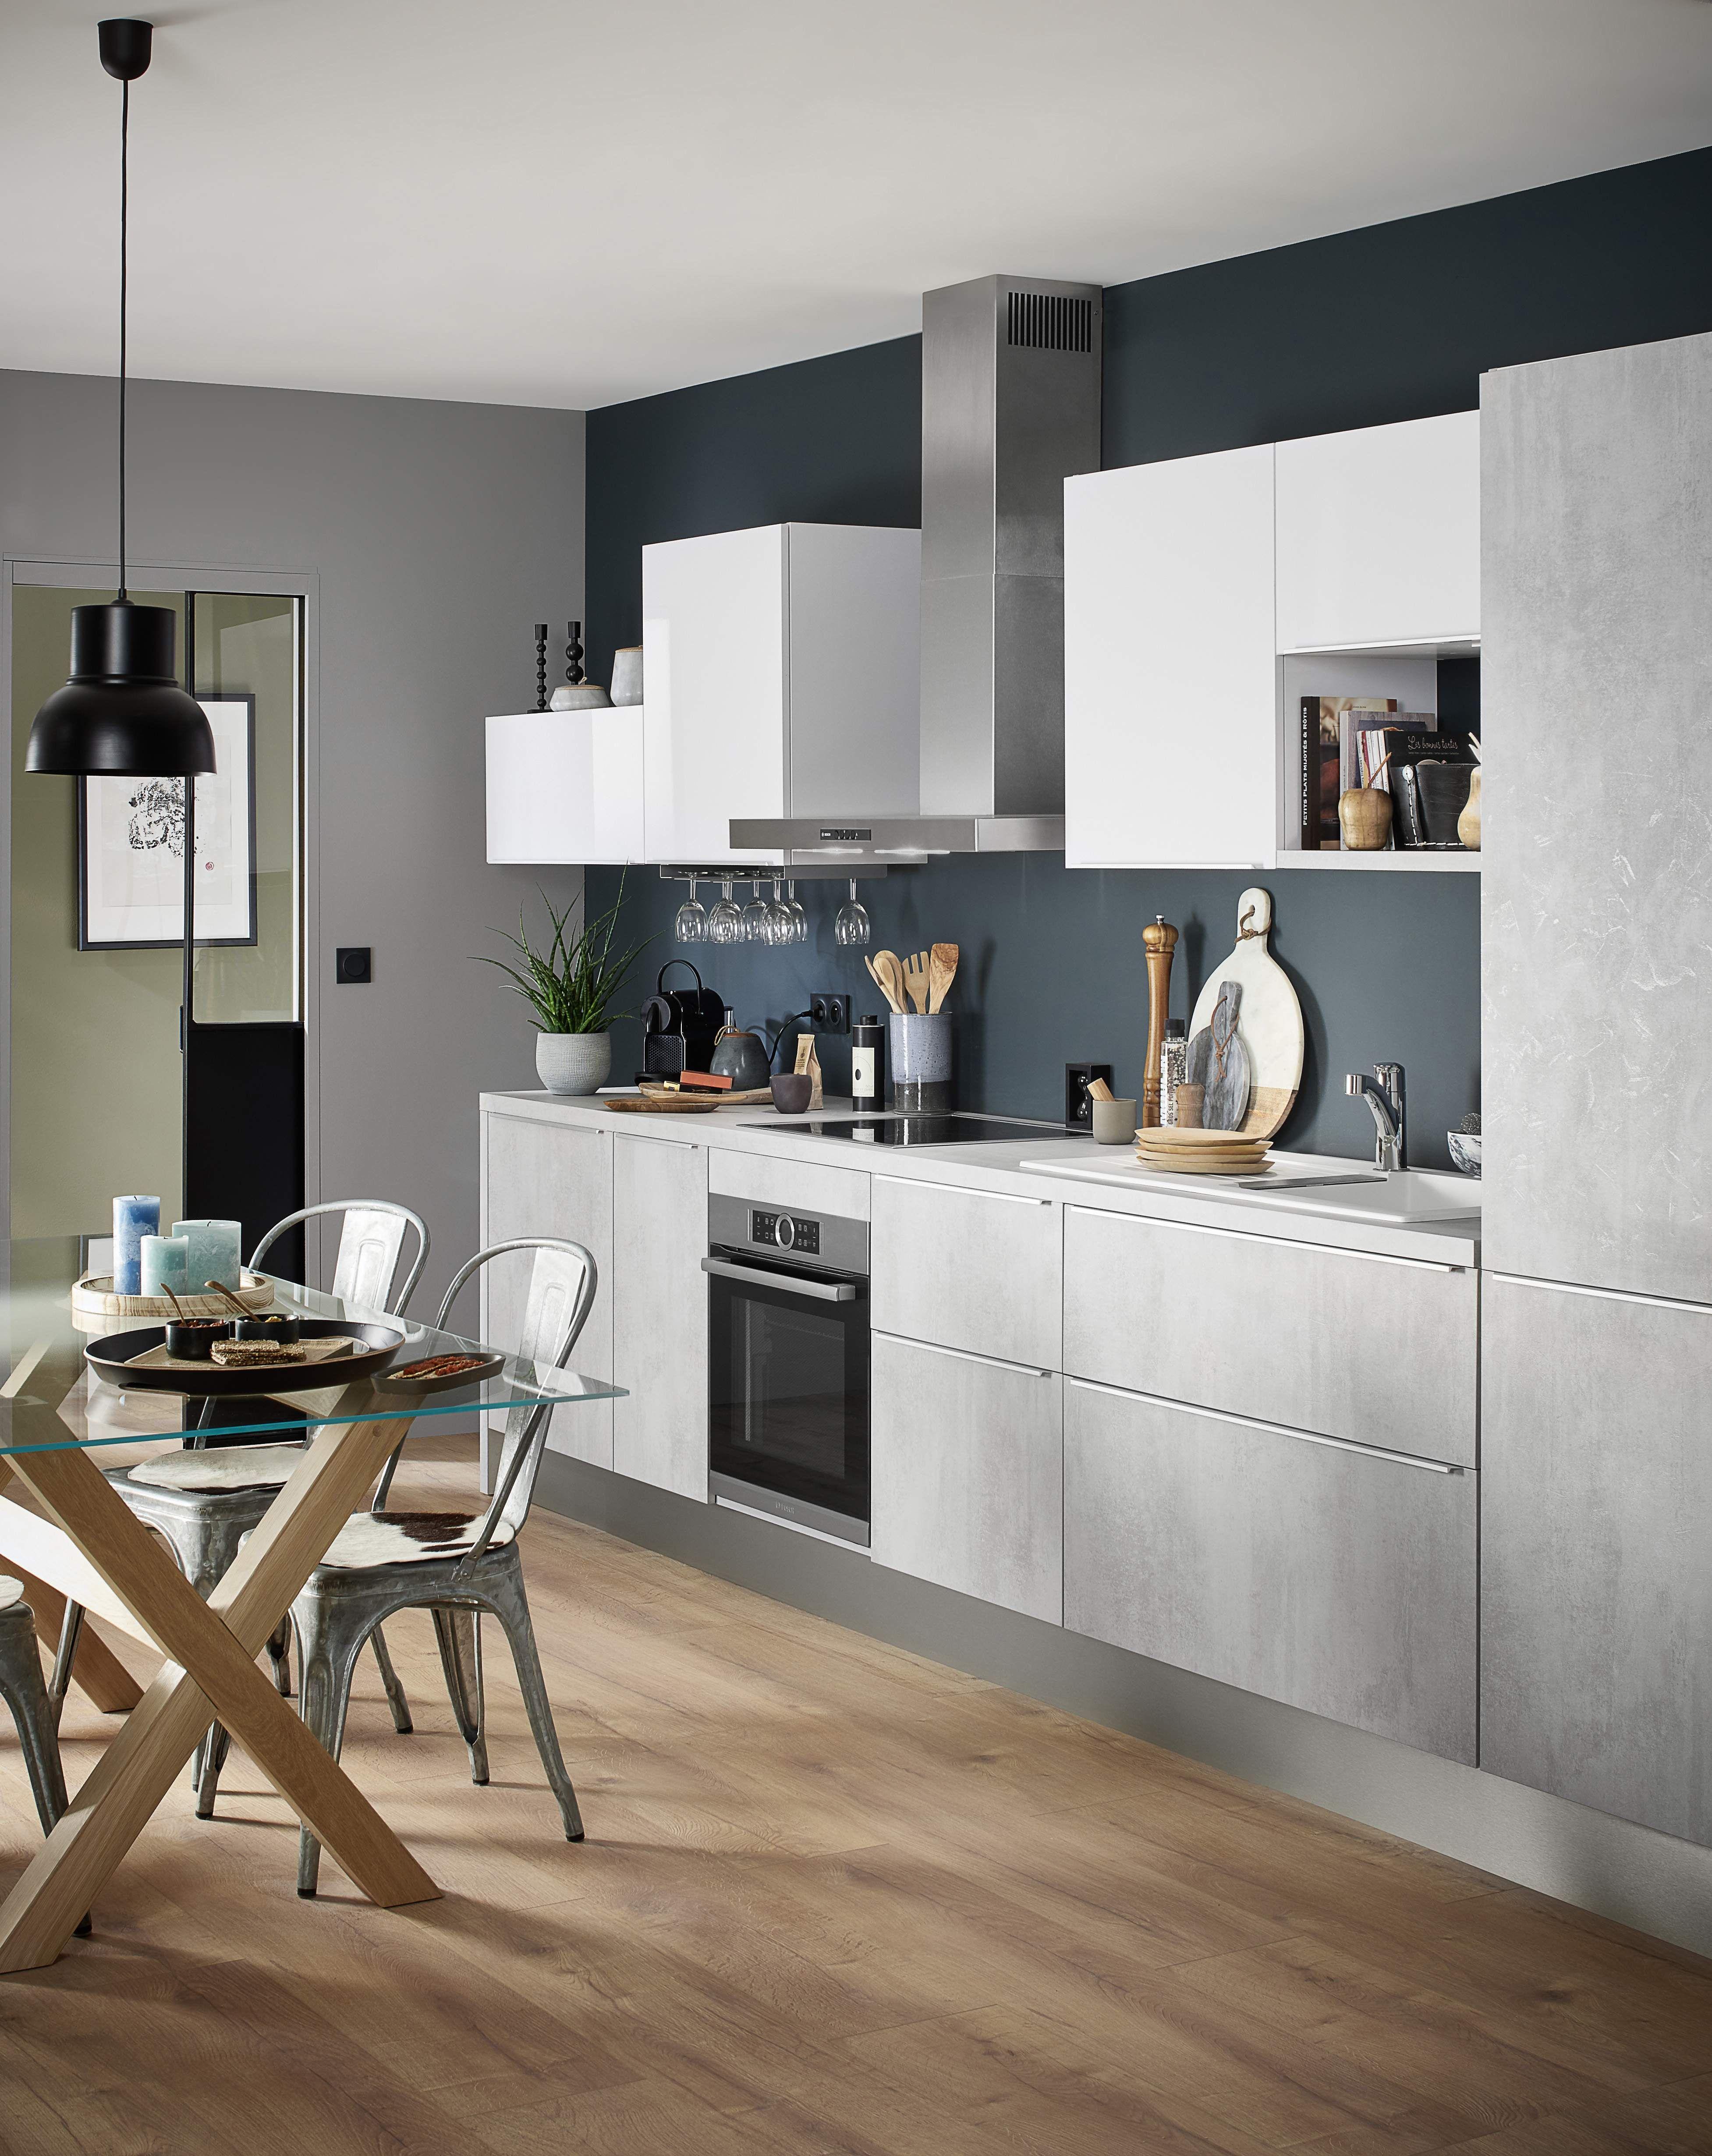 Inspiration loft minimaliste pour notre nouvelle cuisine Eyre, au ...